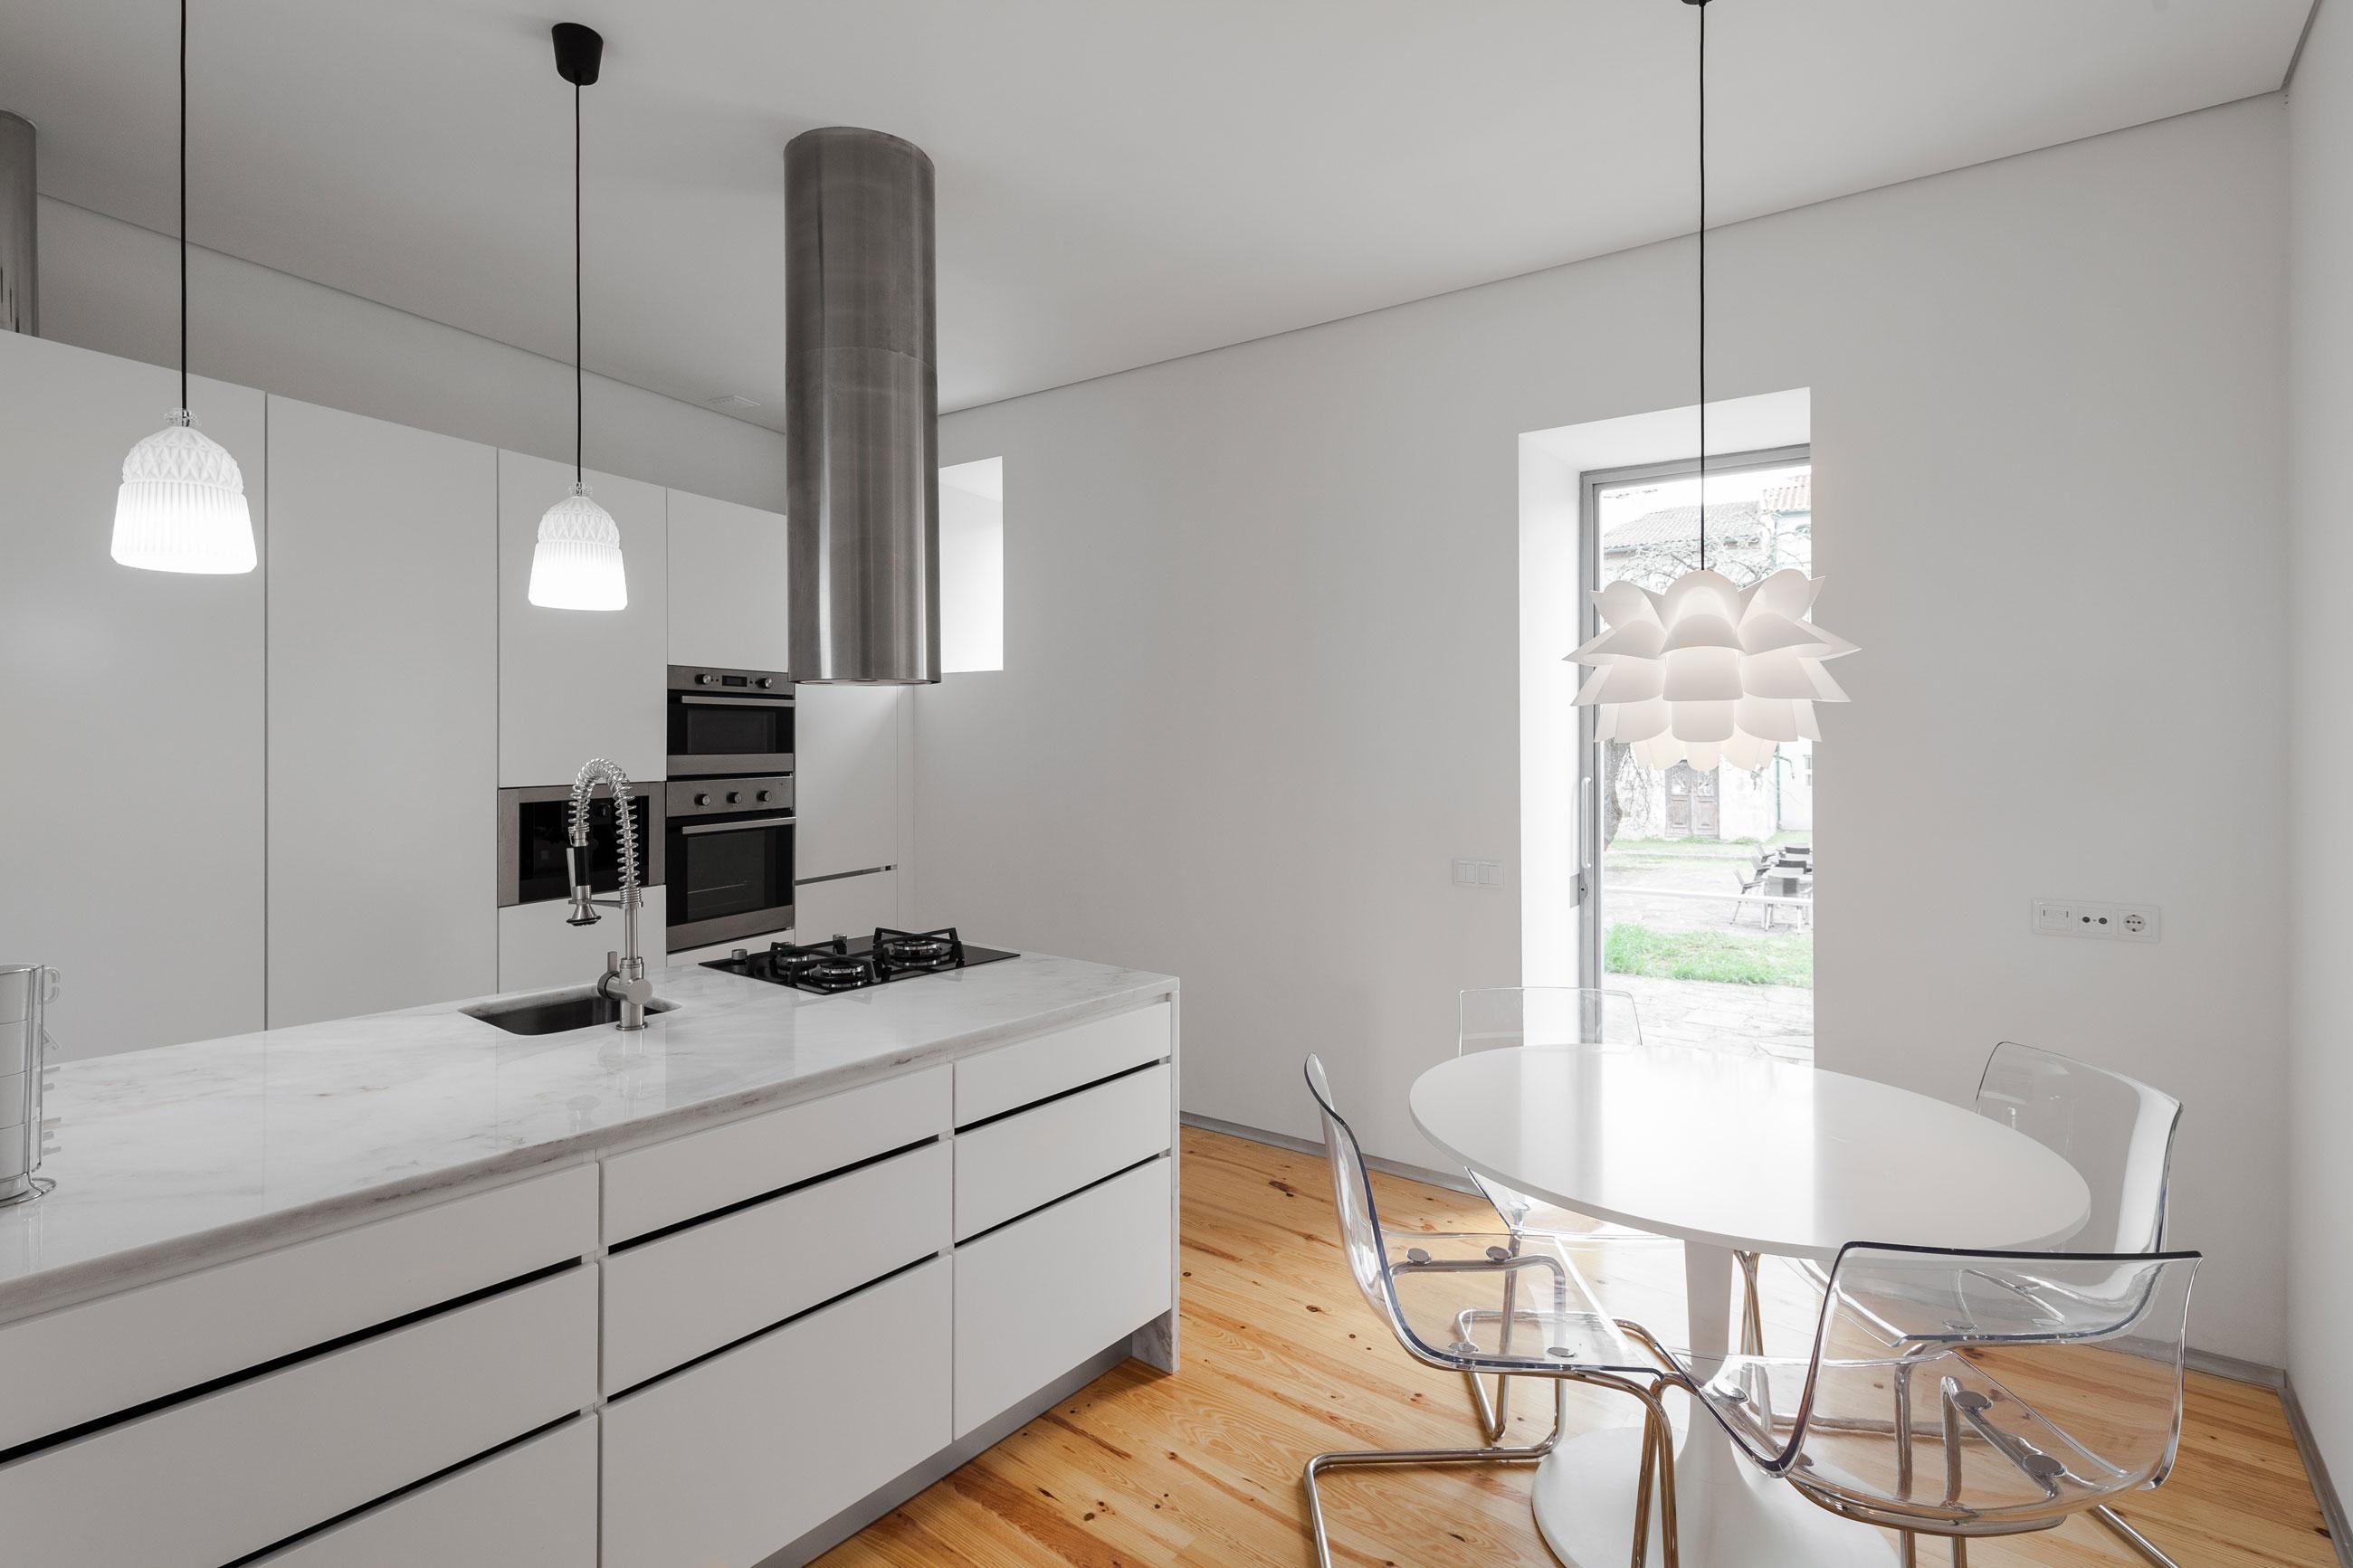 Мраморные столешницы для интерьера кухни - Фото 50